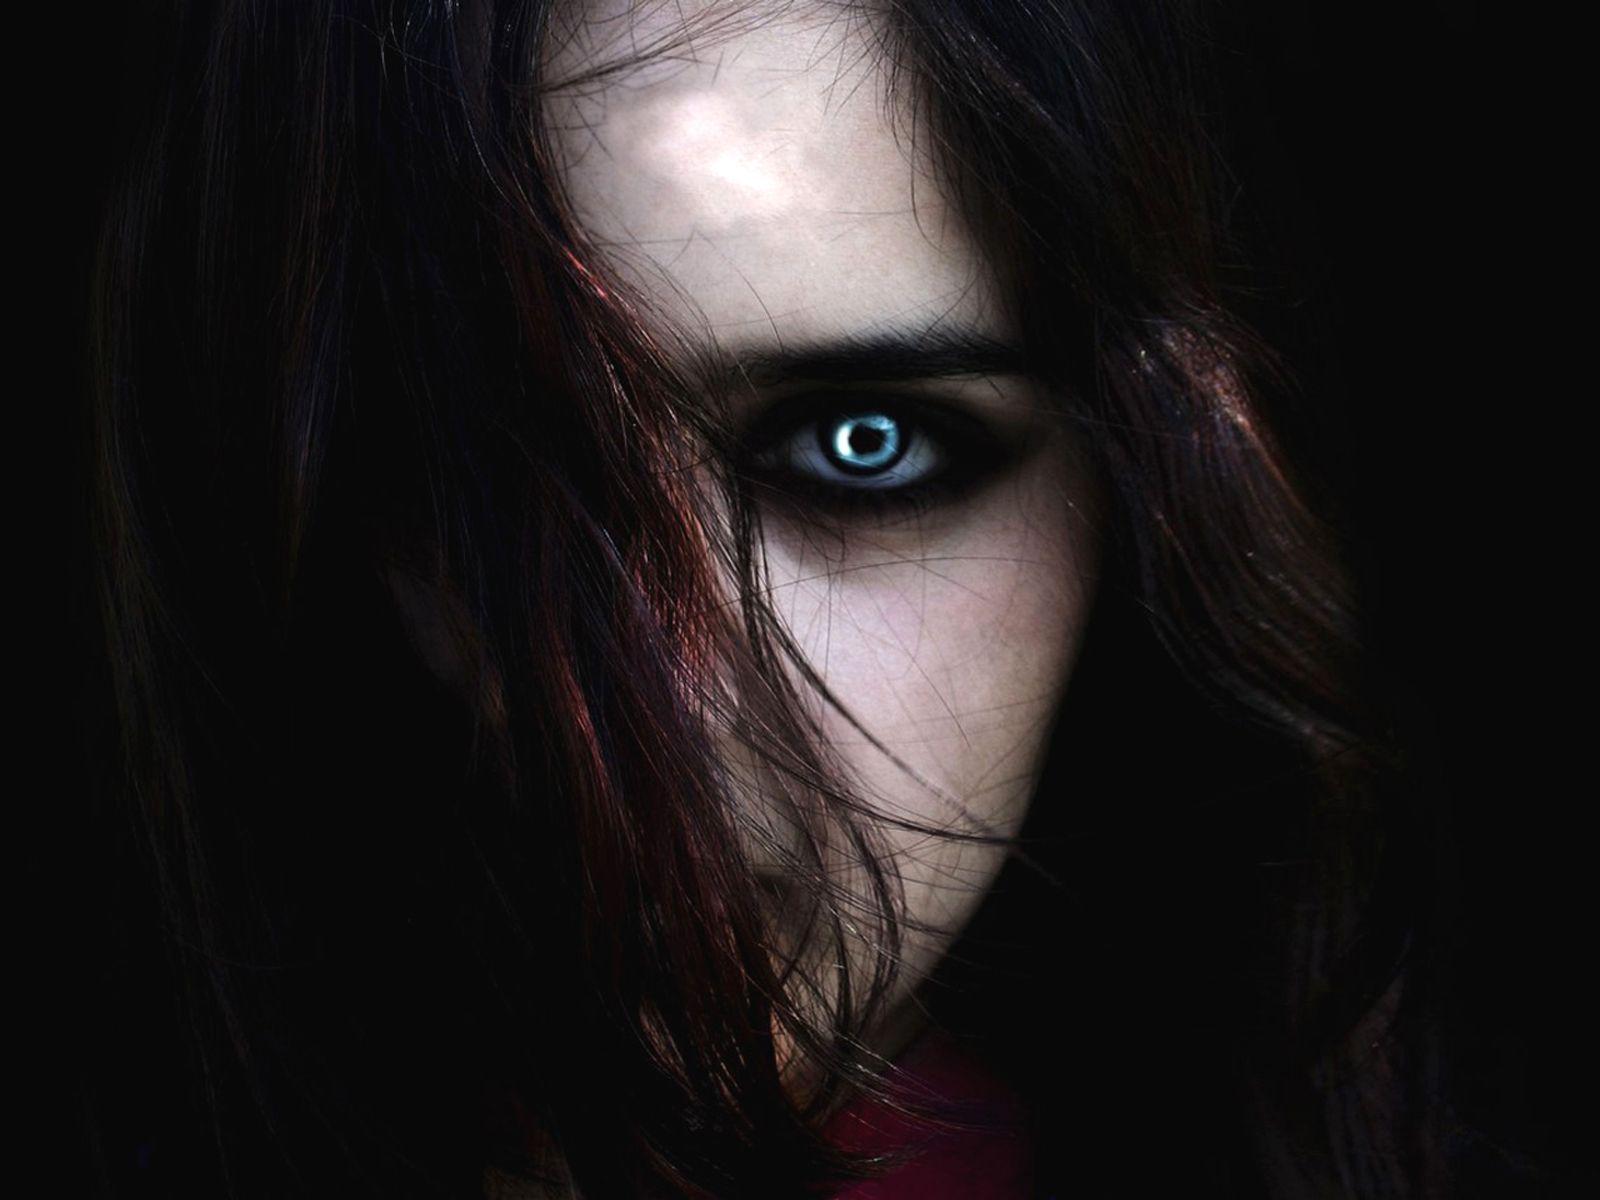 girl on dark wallpaper - photo #45